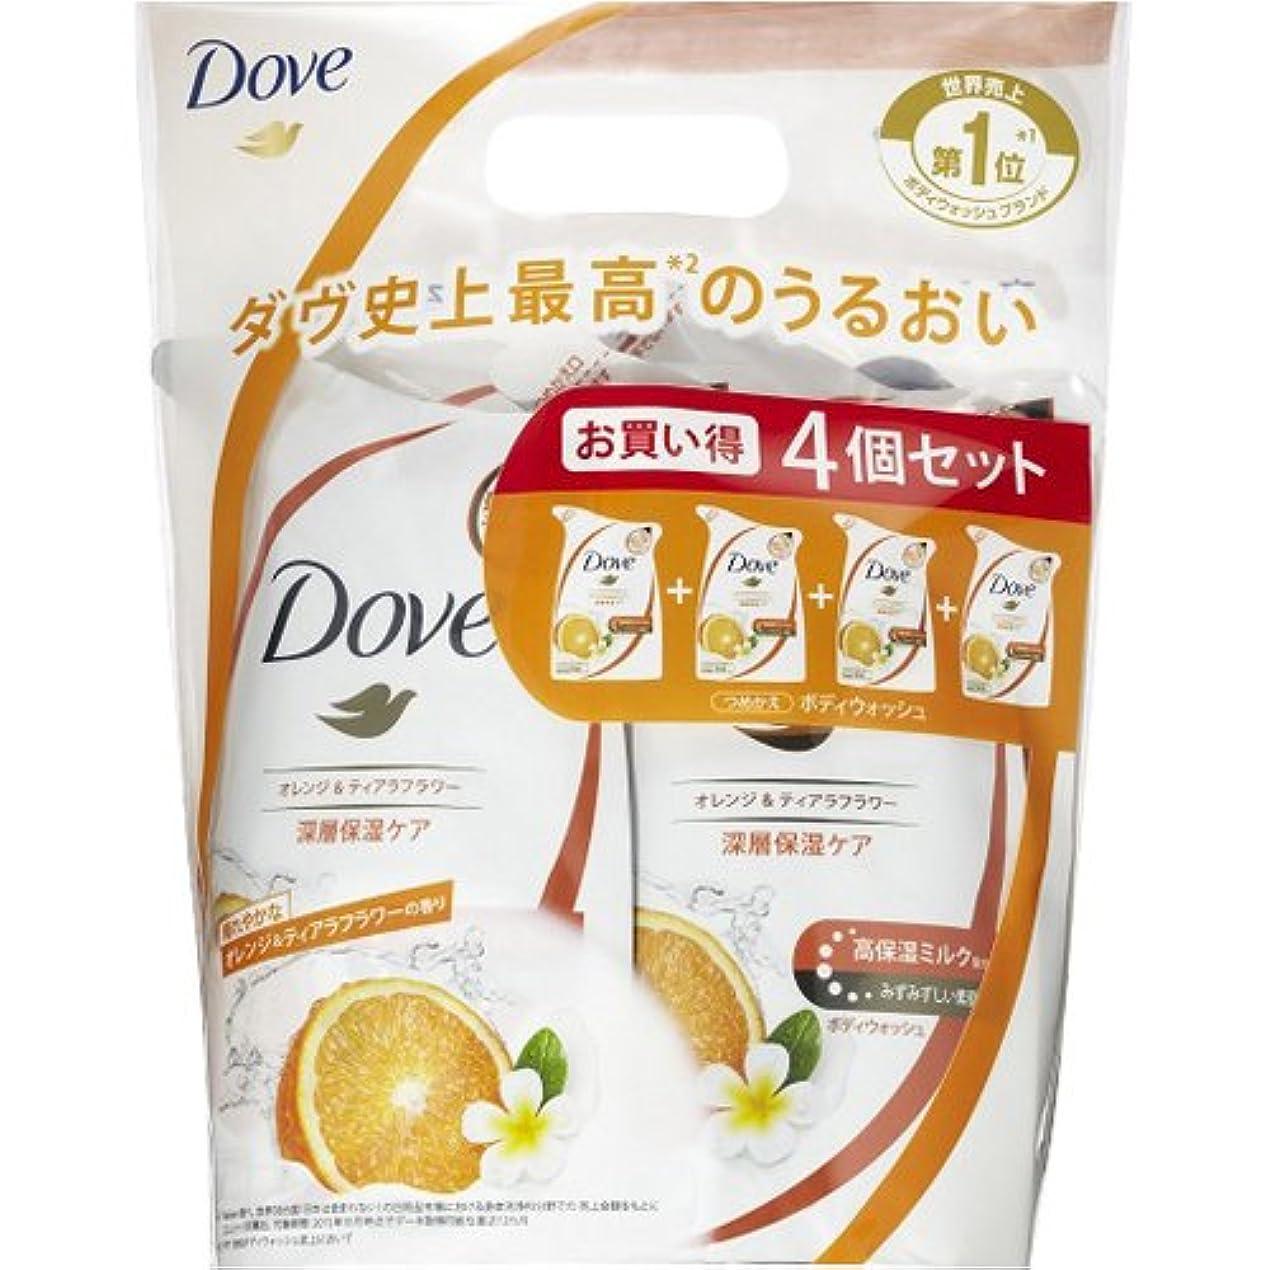 カストディアンバック表示Dove ダヴ ボディウォッシュ オレンジ & ティアラフラワー つめかえ用 360g×4個セット